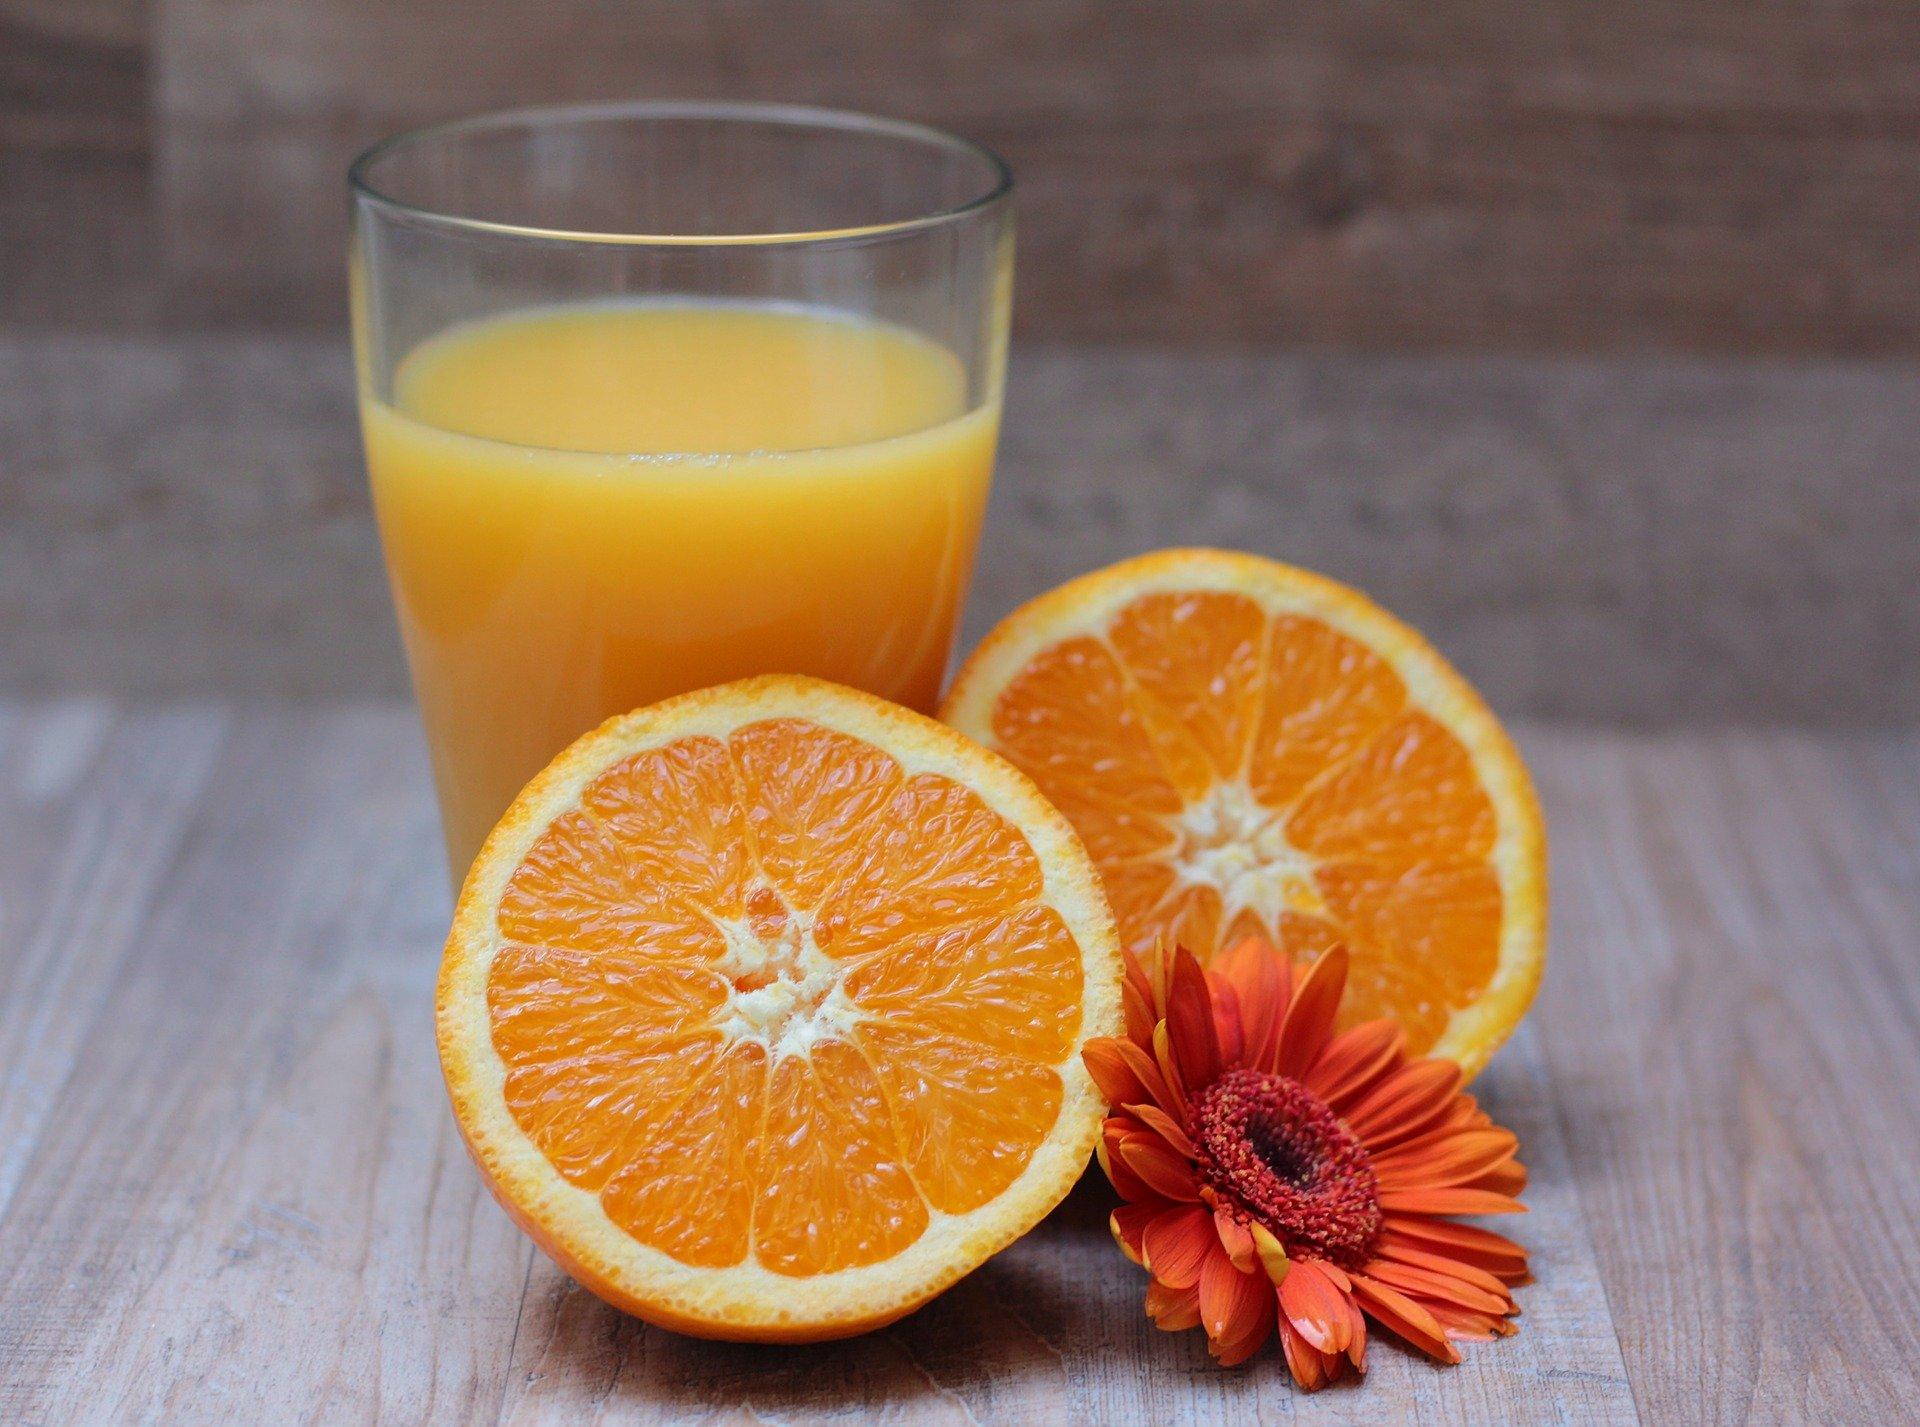 Foto de uma laranja e um copo com o suco. Imagem ilustrativa para o texto sobre como tirar mancha de fruta.